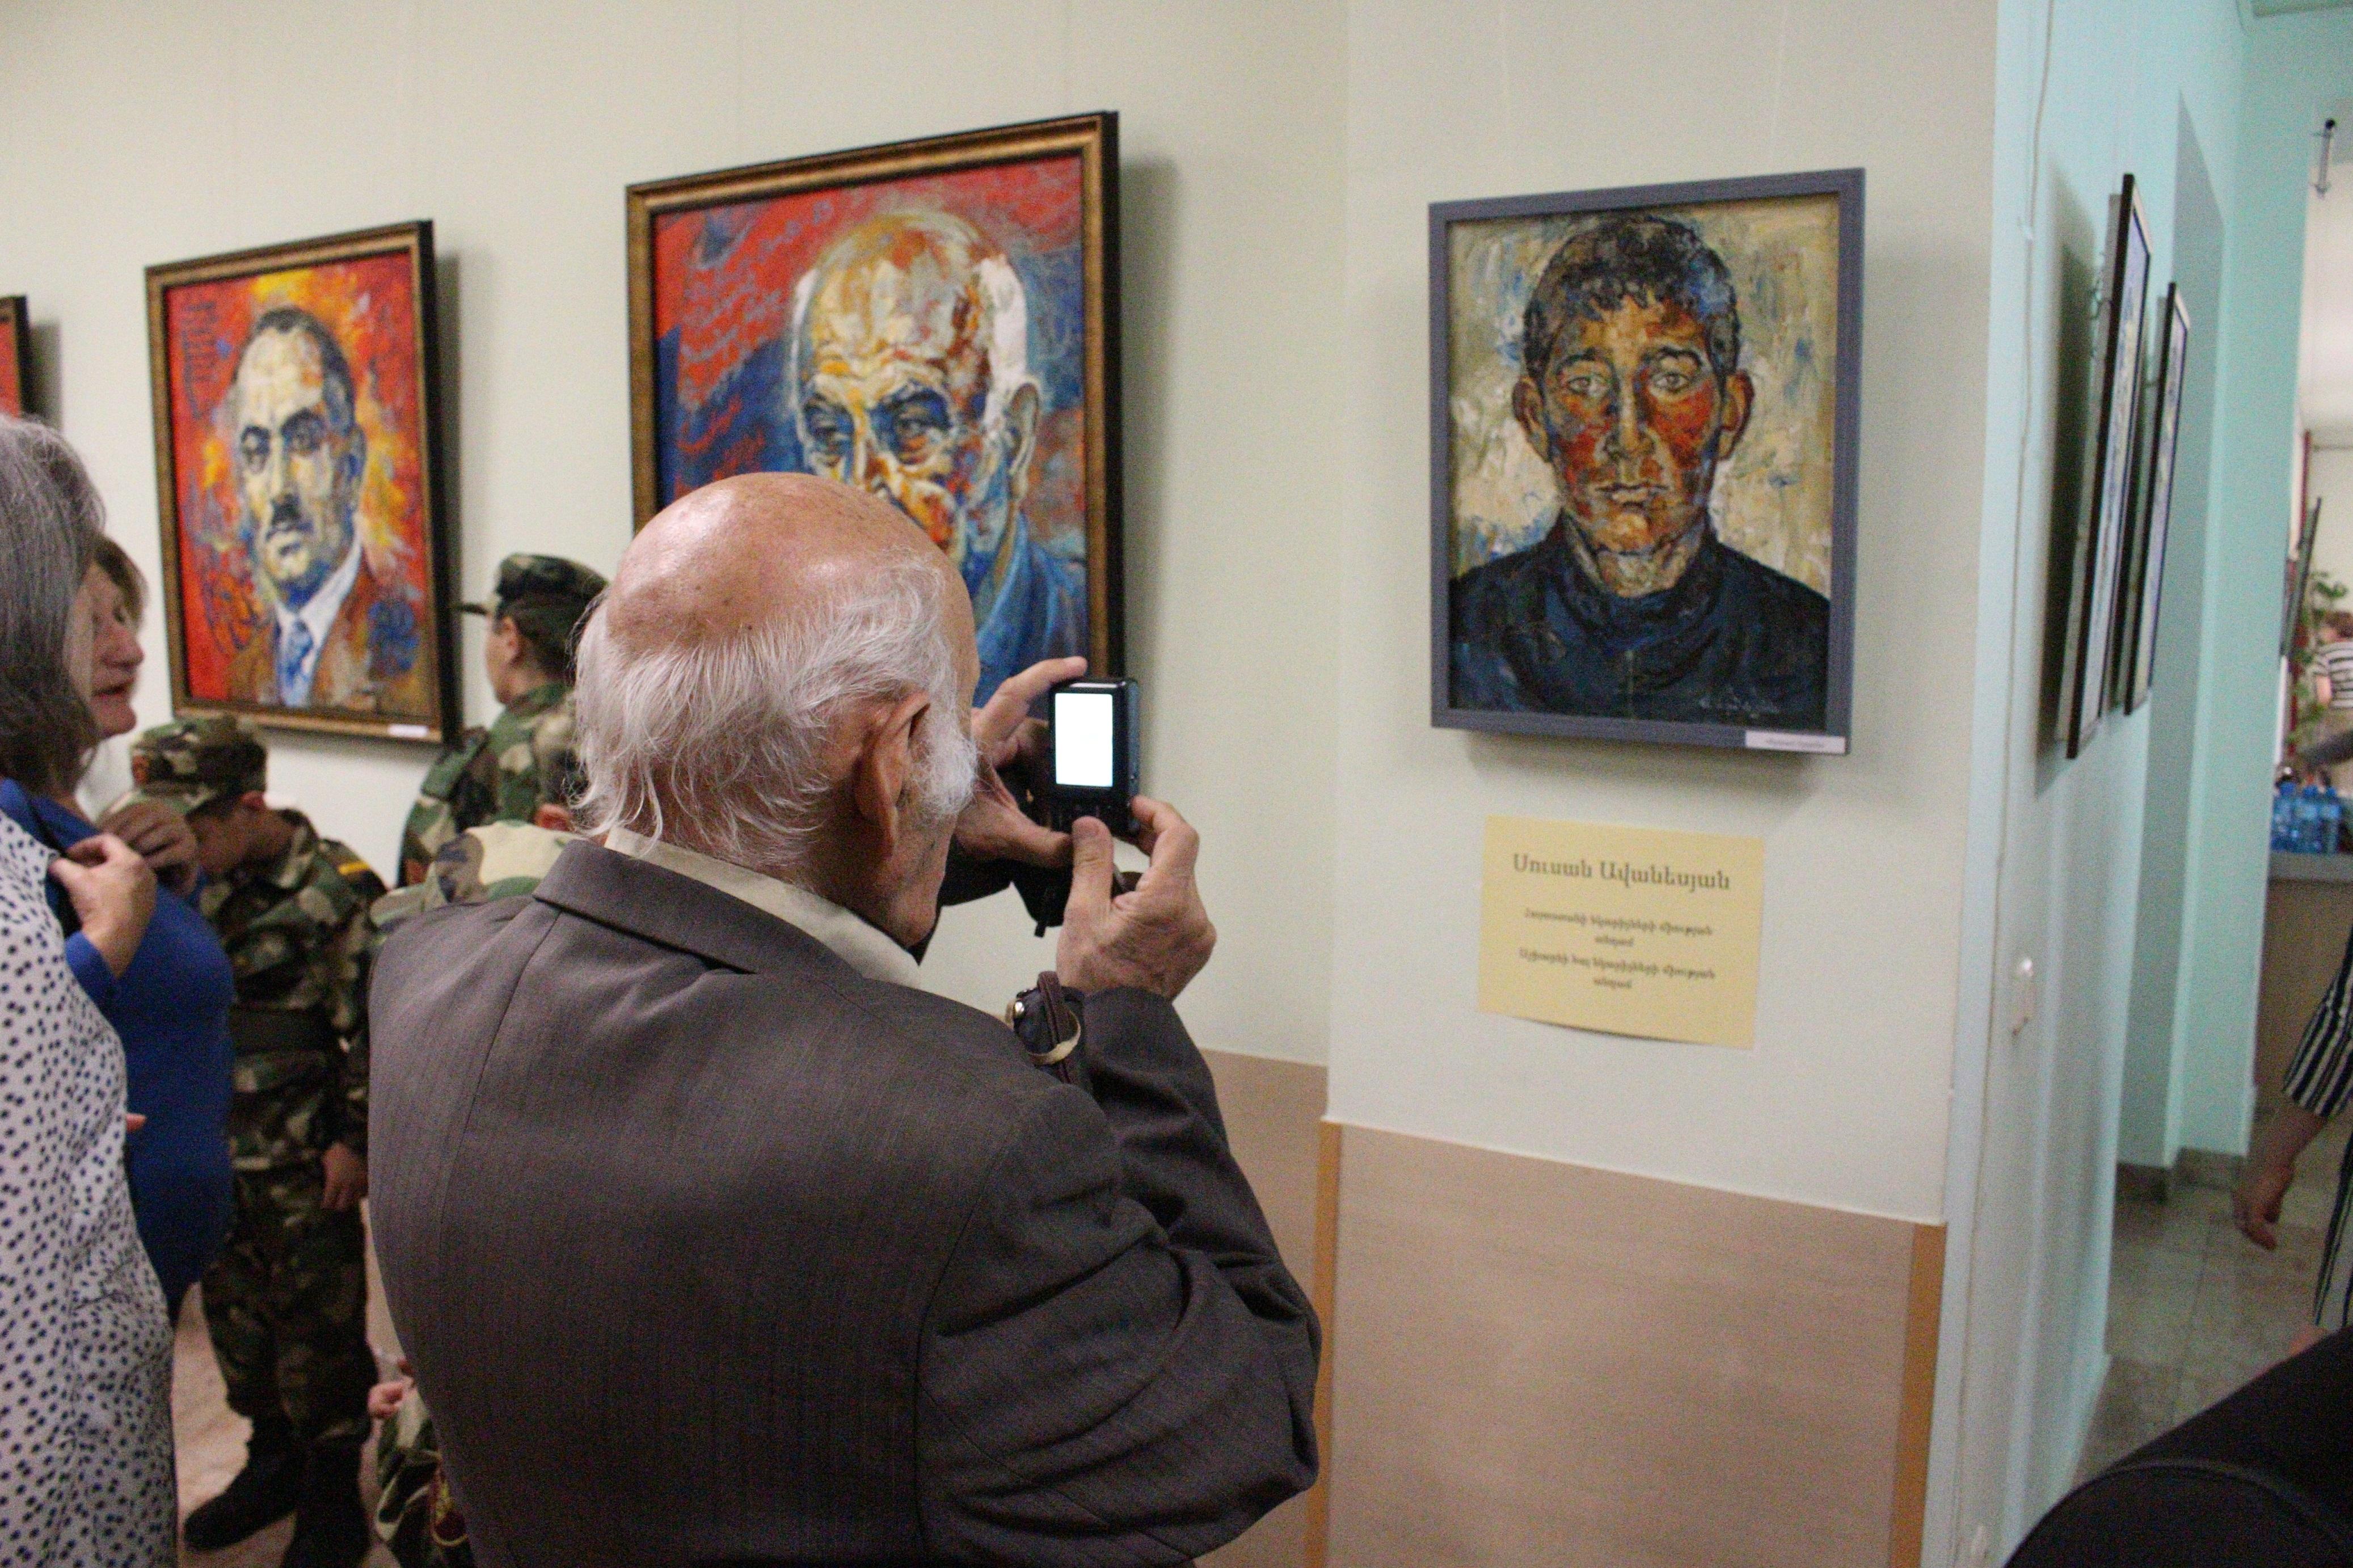 Հայաստանի բնության պետական թանգարանում տեղի ունեցավ ՀՀ անկախության տոնին նվիրված միջոցառում «Հերոսամարտ» խորագրով: